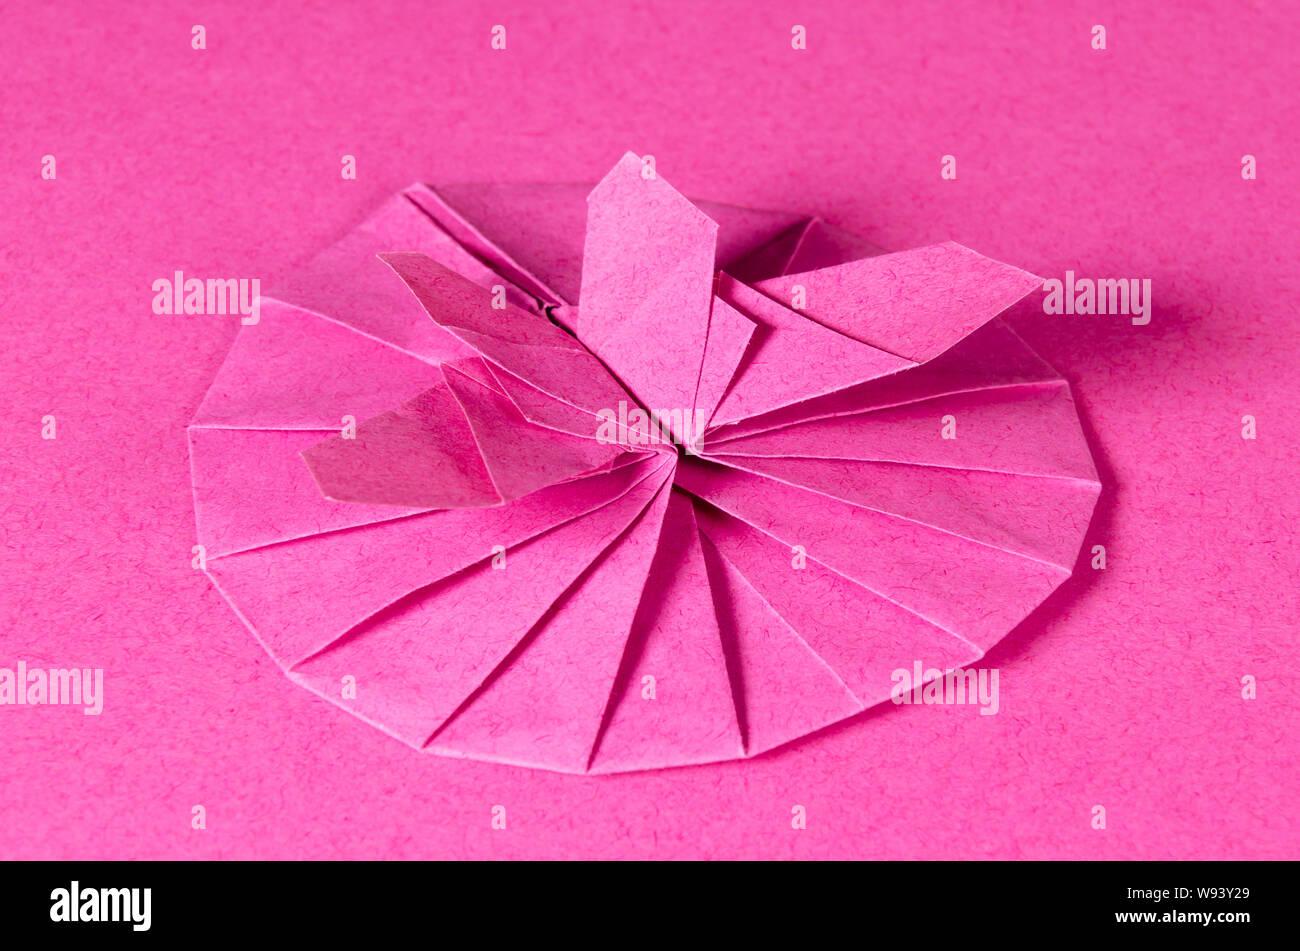 Rosa Origami Schmetterling Und Blüte Auf Rosa Hintergrund